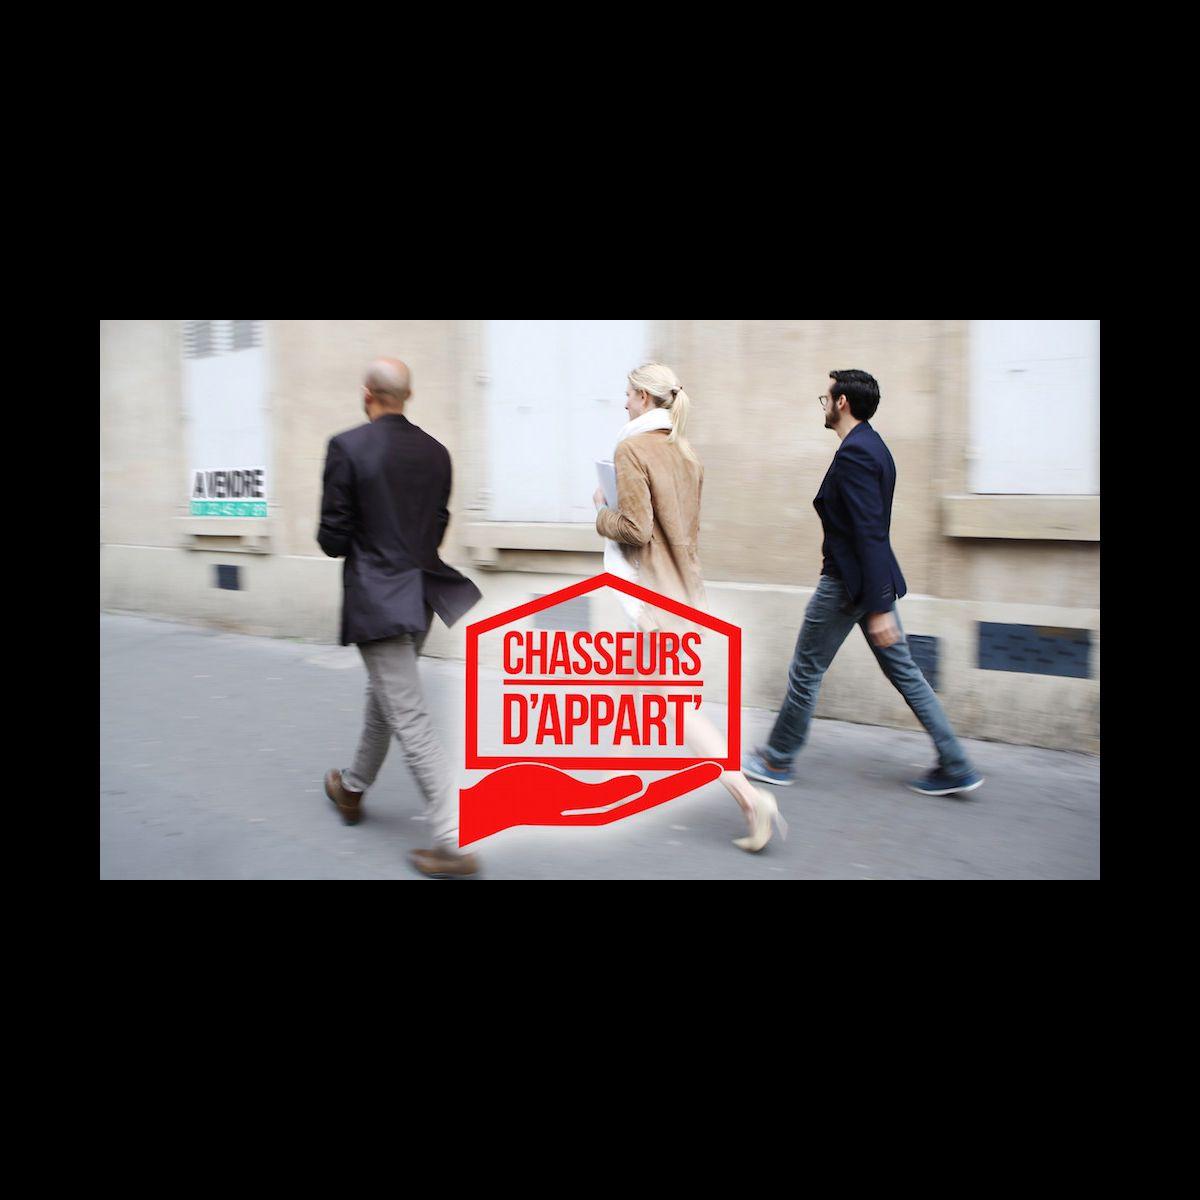 Chasseurs d 39 appart 39 photo puremedias - Chasseur d appart gagnant ...